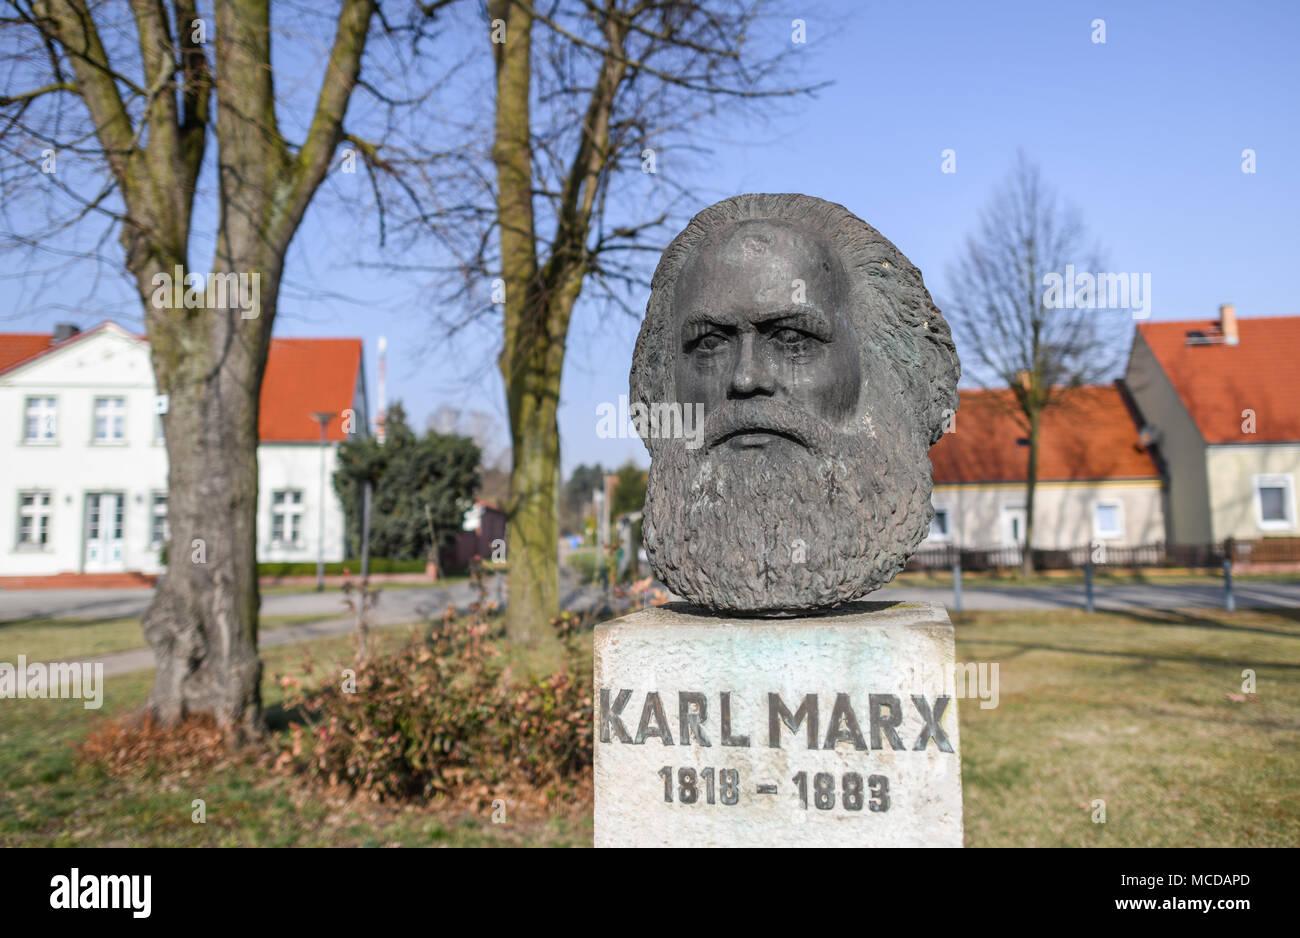 10 April 2018, Deutschland, Neuhardenberg: eine Büste von deutscher Philosoph, Ökonom und sozialen Theoretiker Karl Marx (Mai, 05 1818 - März 14 1883) ist auf dem Display. Die Stadt Neuhardenberg Marxwalde war zuvor bekannt als nach Karl Marx während der DDR-Zeit genannt. Foto: Patrick Pleul/dpa-Zentralbild/dpa Stockfoto